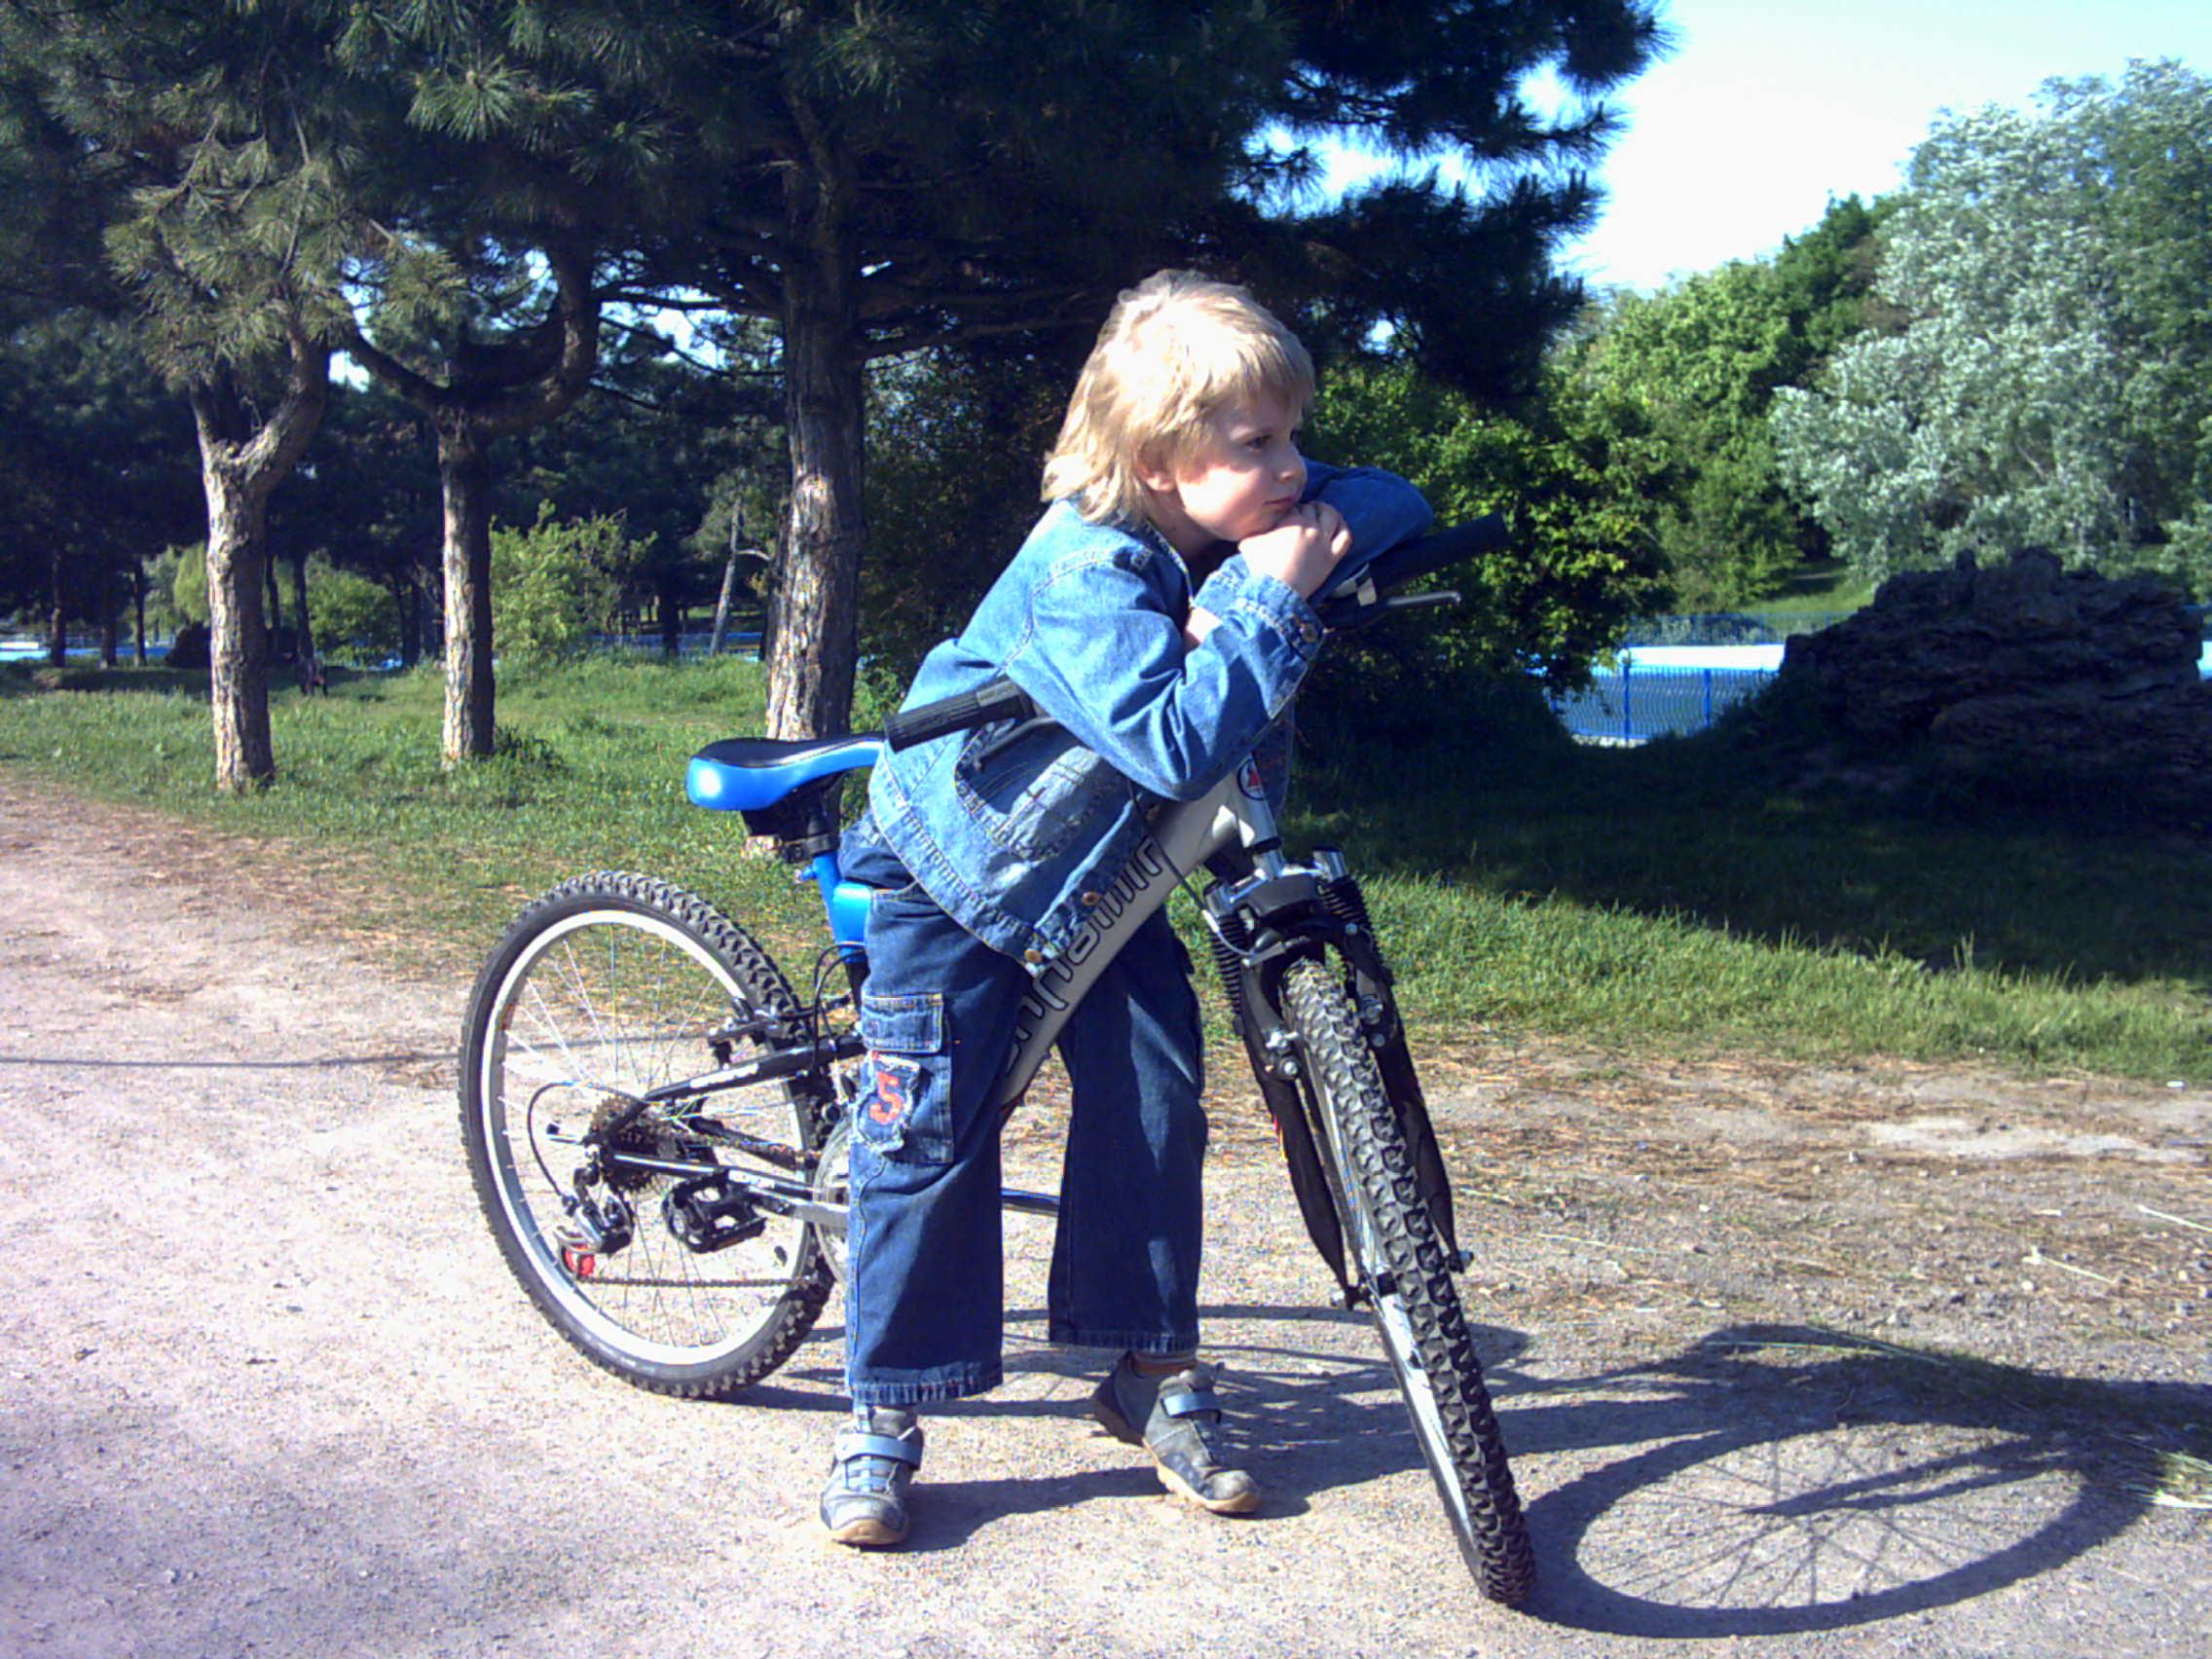 мой верный конь,мой конь железный.... Укрощение велосипеда